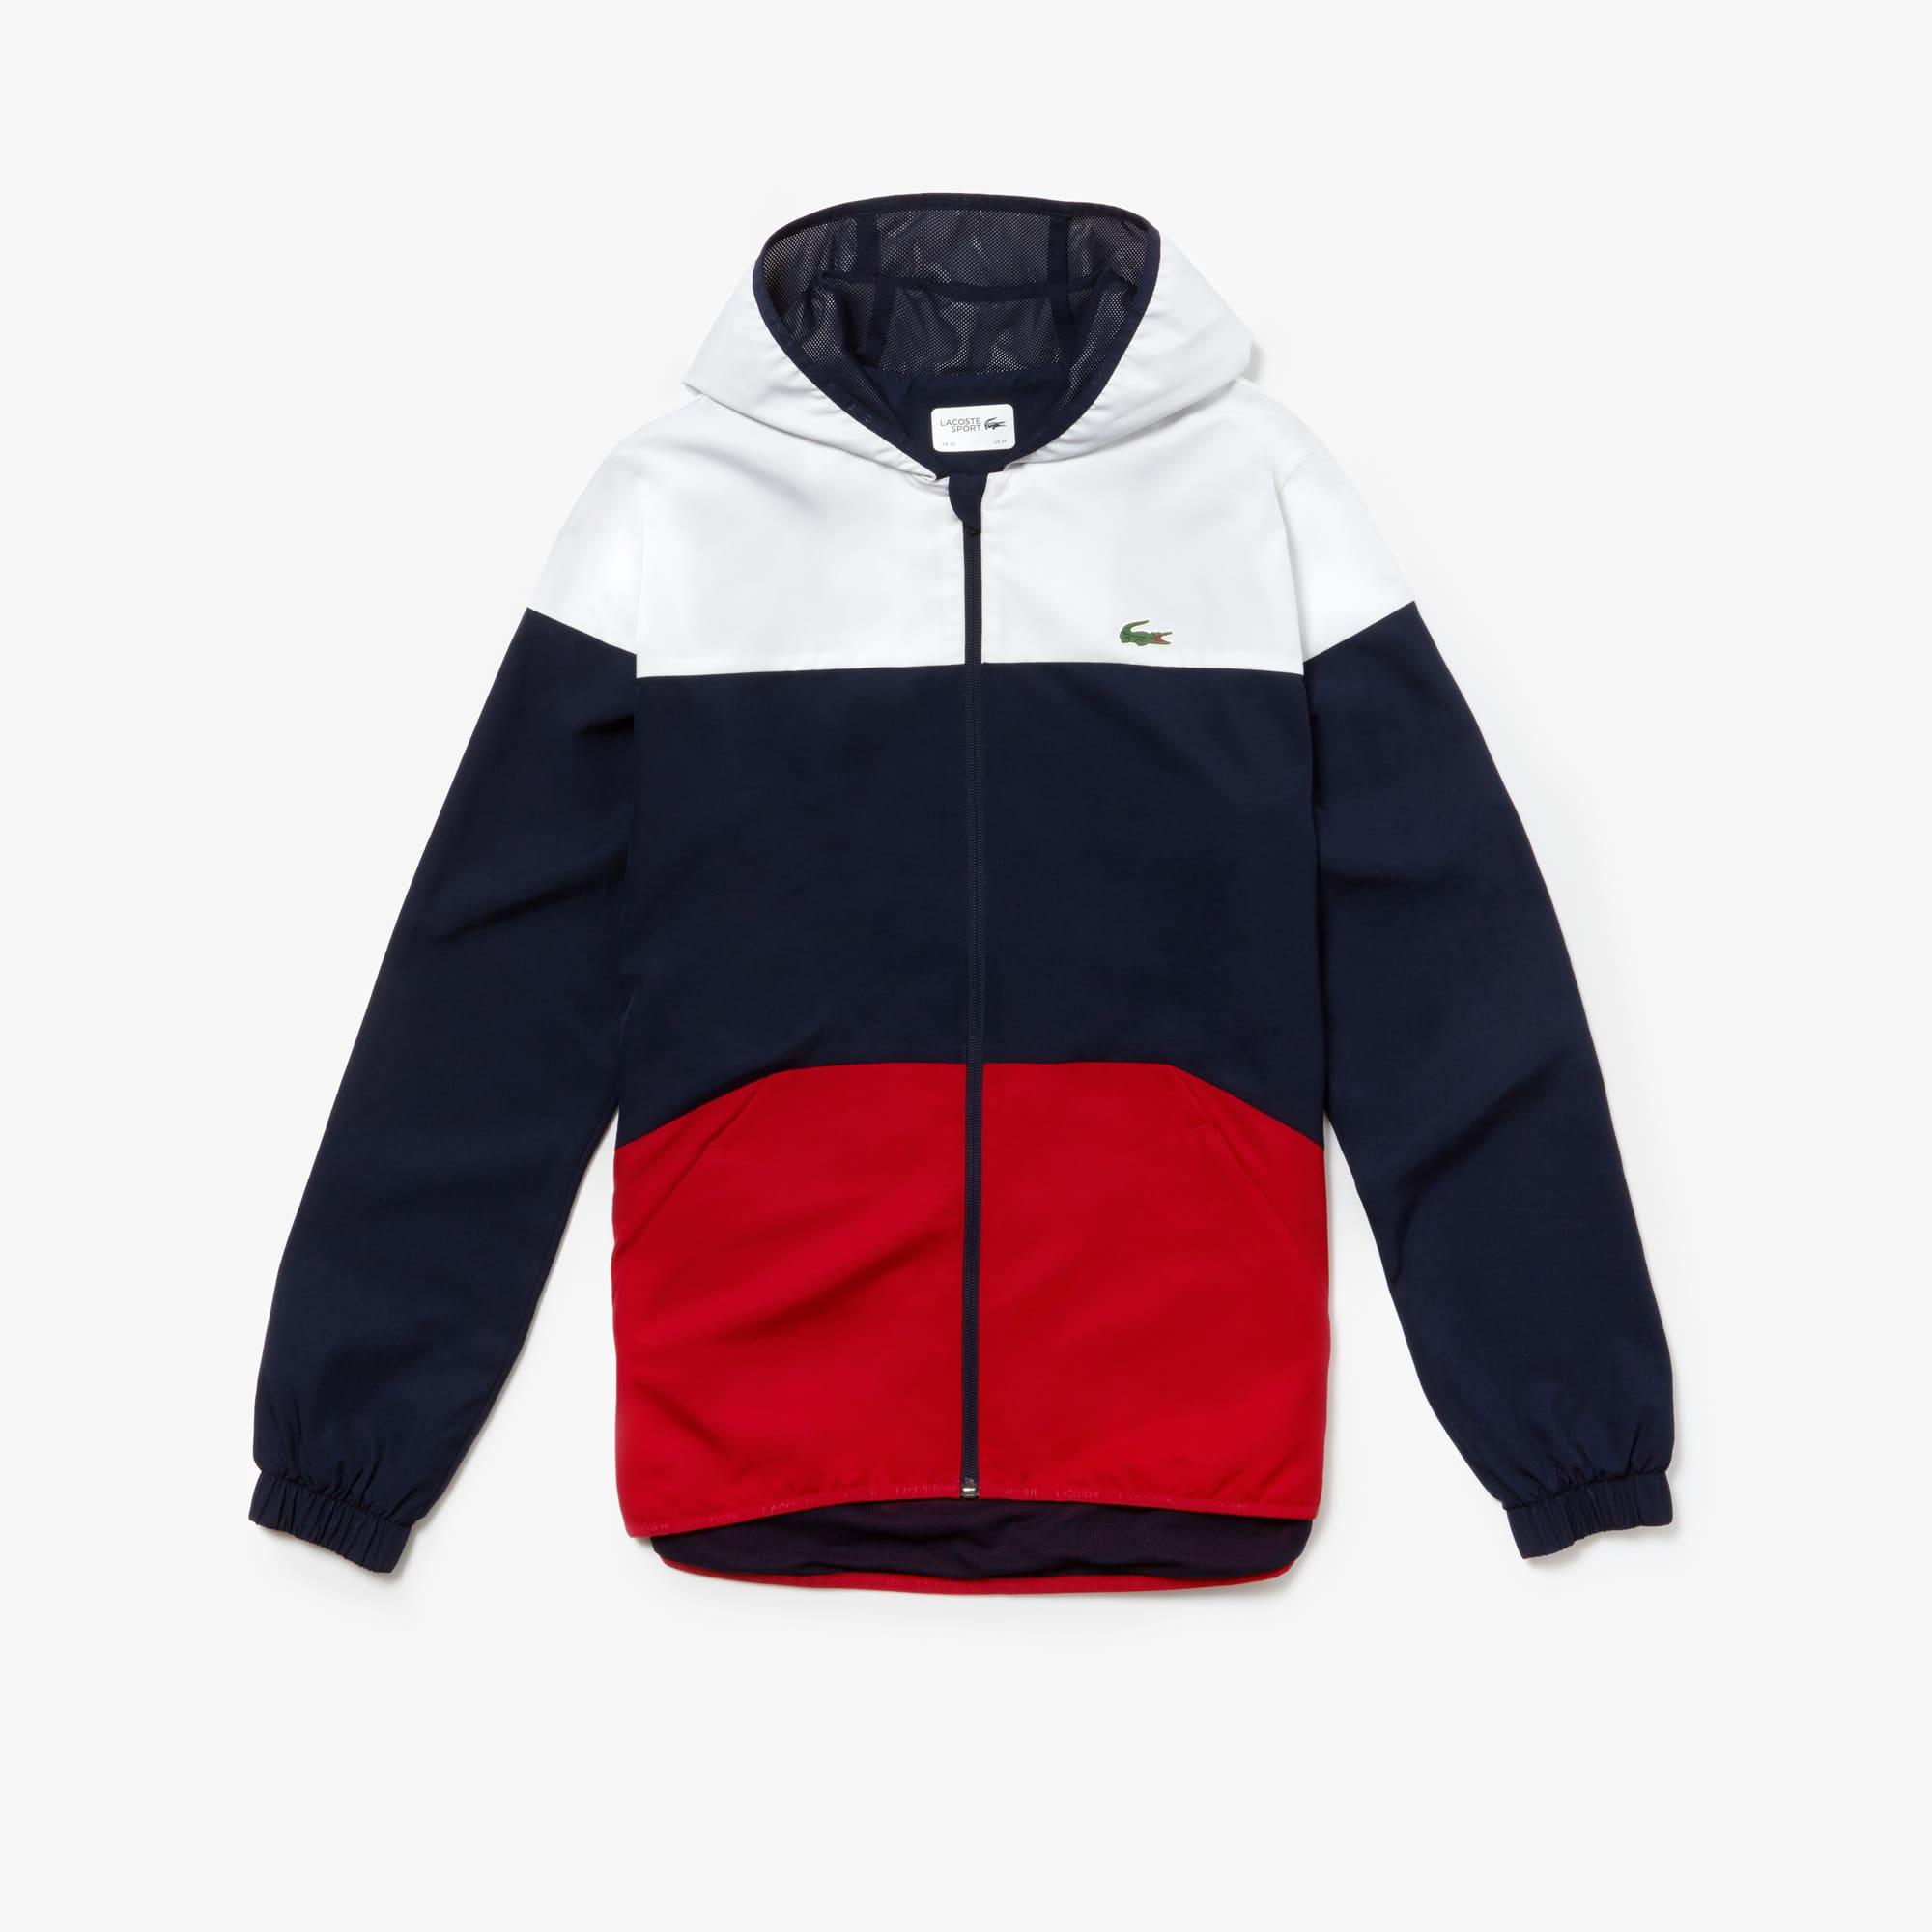 796357c1c0 Manteaux Lacoste Homme Vêtements Blousons amp; PIfrnP